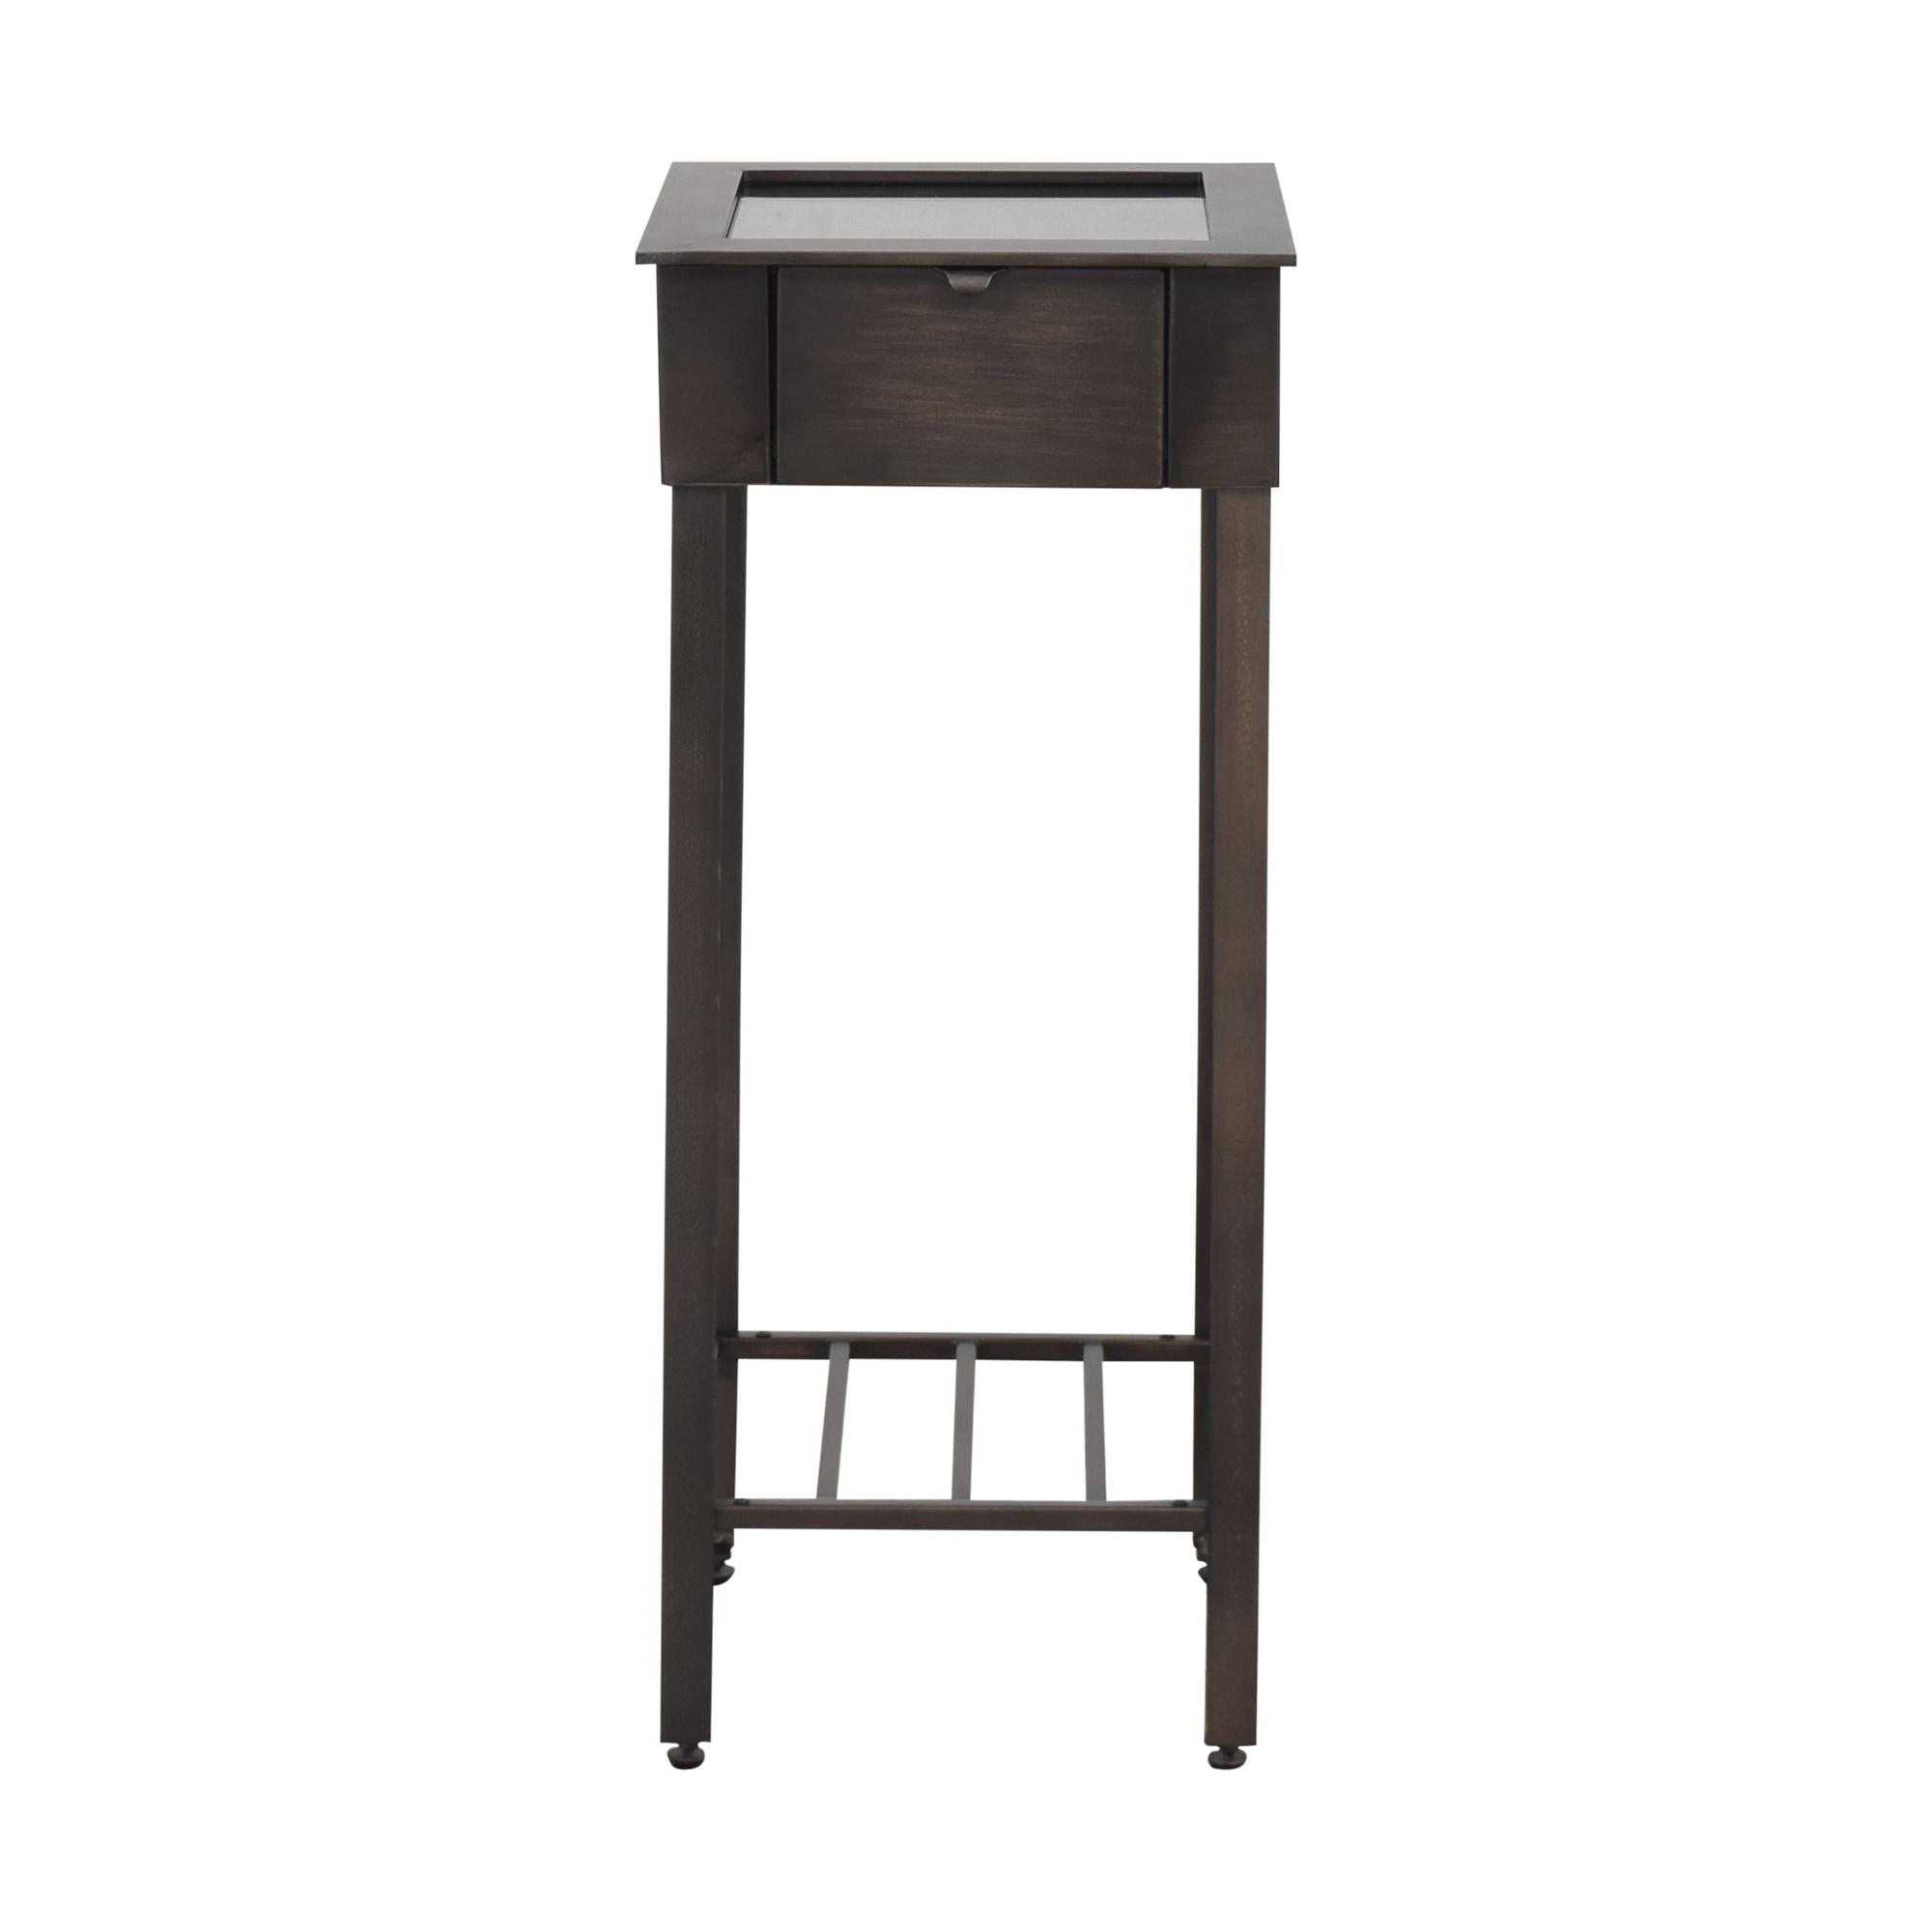 Crate & Barrel Crate & Barrel Showcase Accent Table